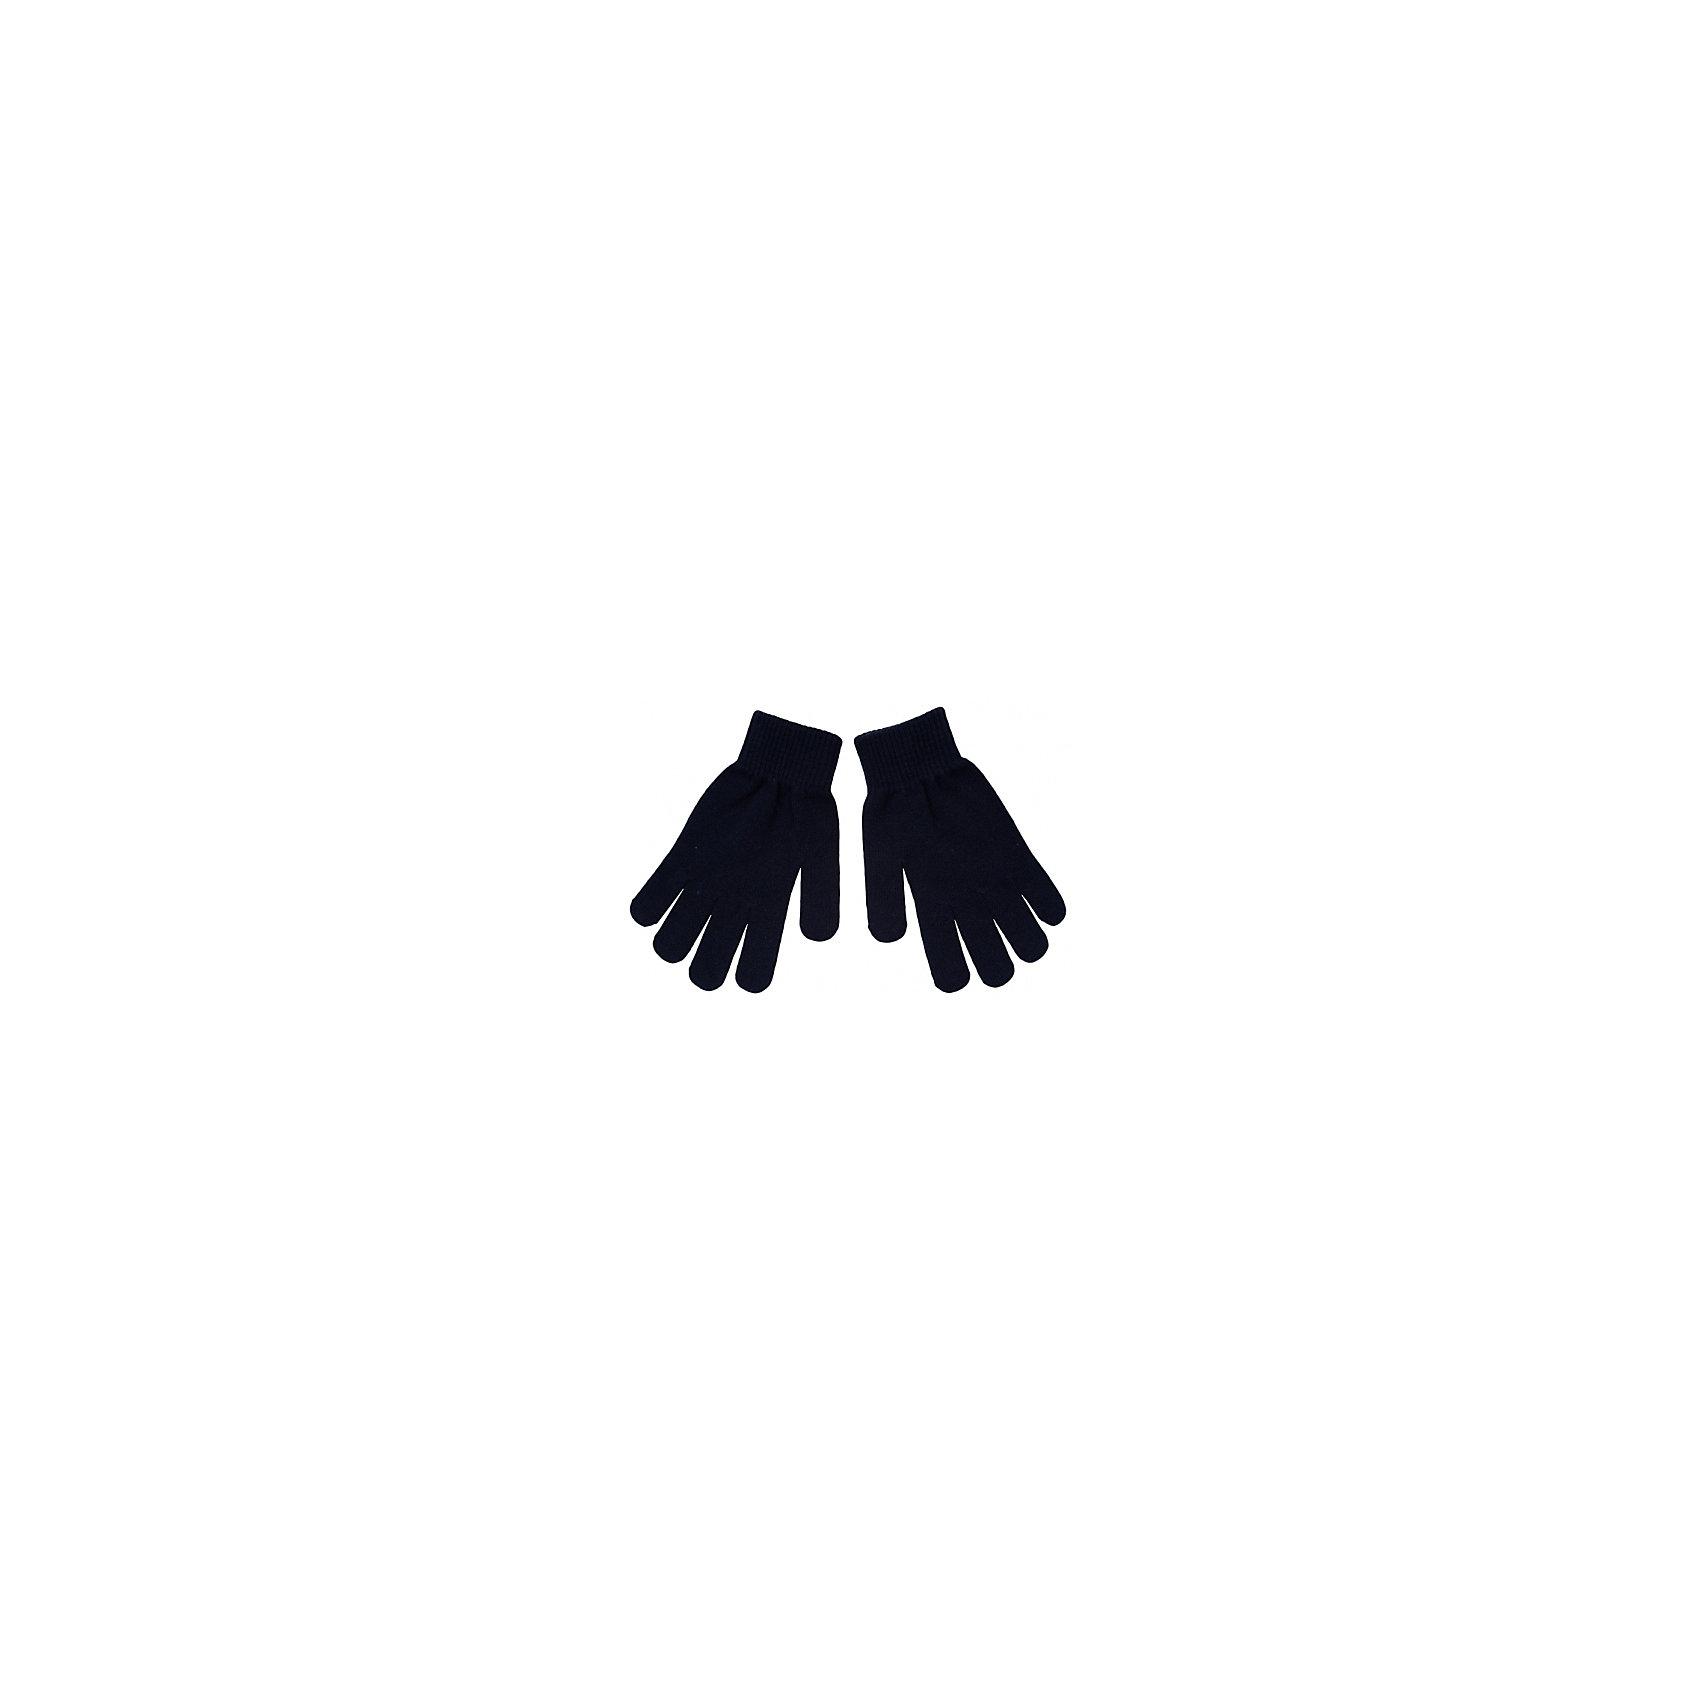 Перчатки для мальчика ScoolПерчатки для мальчика из коллекции «Скорость» от известного бренда Scool. Удобные перчатки из вязанного трикотажа на осень/весну. Приятный темно-синий цвет перчаток сочетается с классическим стилем перчаток. Мягкий материал приятен для носки и защищает от ветра и холода. Перчатки отлично подойдут как к пальто, так и к пуховикам и курткам. <br><br>Дополнительная информация:<br>Состав: 80% хлопок, 18% нейлон, 2% эластан<br><br>Перчатки для мальчика Scool можно купить в нашем интернет-магазине.<br><br>Подробнее:<br>• Для детей в возрасте: от 8 до 14 лет<br>• Номер товара: 4911522<br>Страна производитель: Китай<br><br>Ширина мм: 162<br>Глубина мм: 171<br>Высота мм: 55<br>Вес г: 119<br>Цвет: синий<br>Возраст от месяцев: 3<br>Возраст до месяцев: 6<br>Пол: Мужской<br>Возраст: Детский<br>Размер: 18,17,16<br>SKU: 4911521